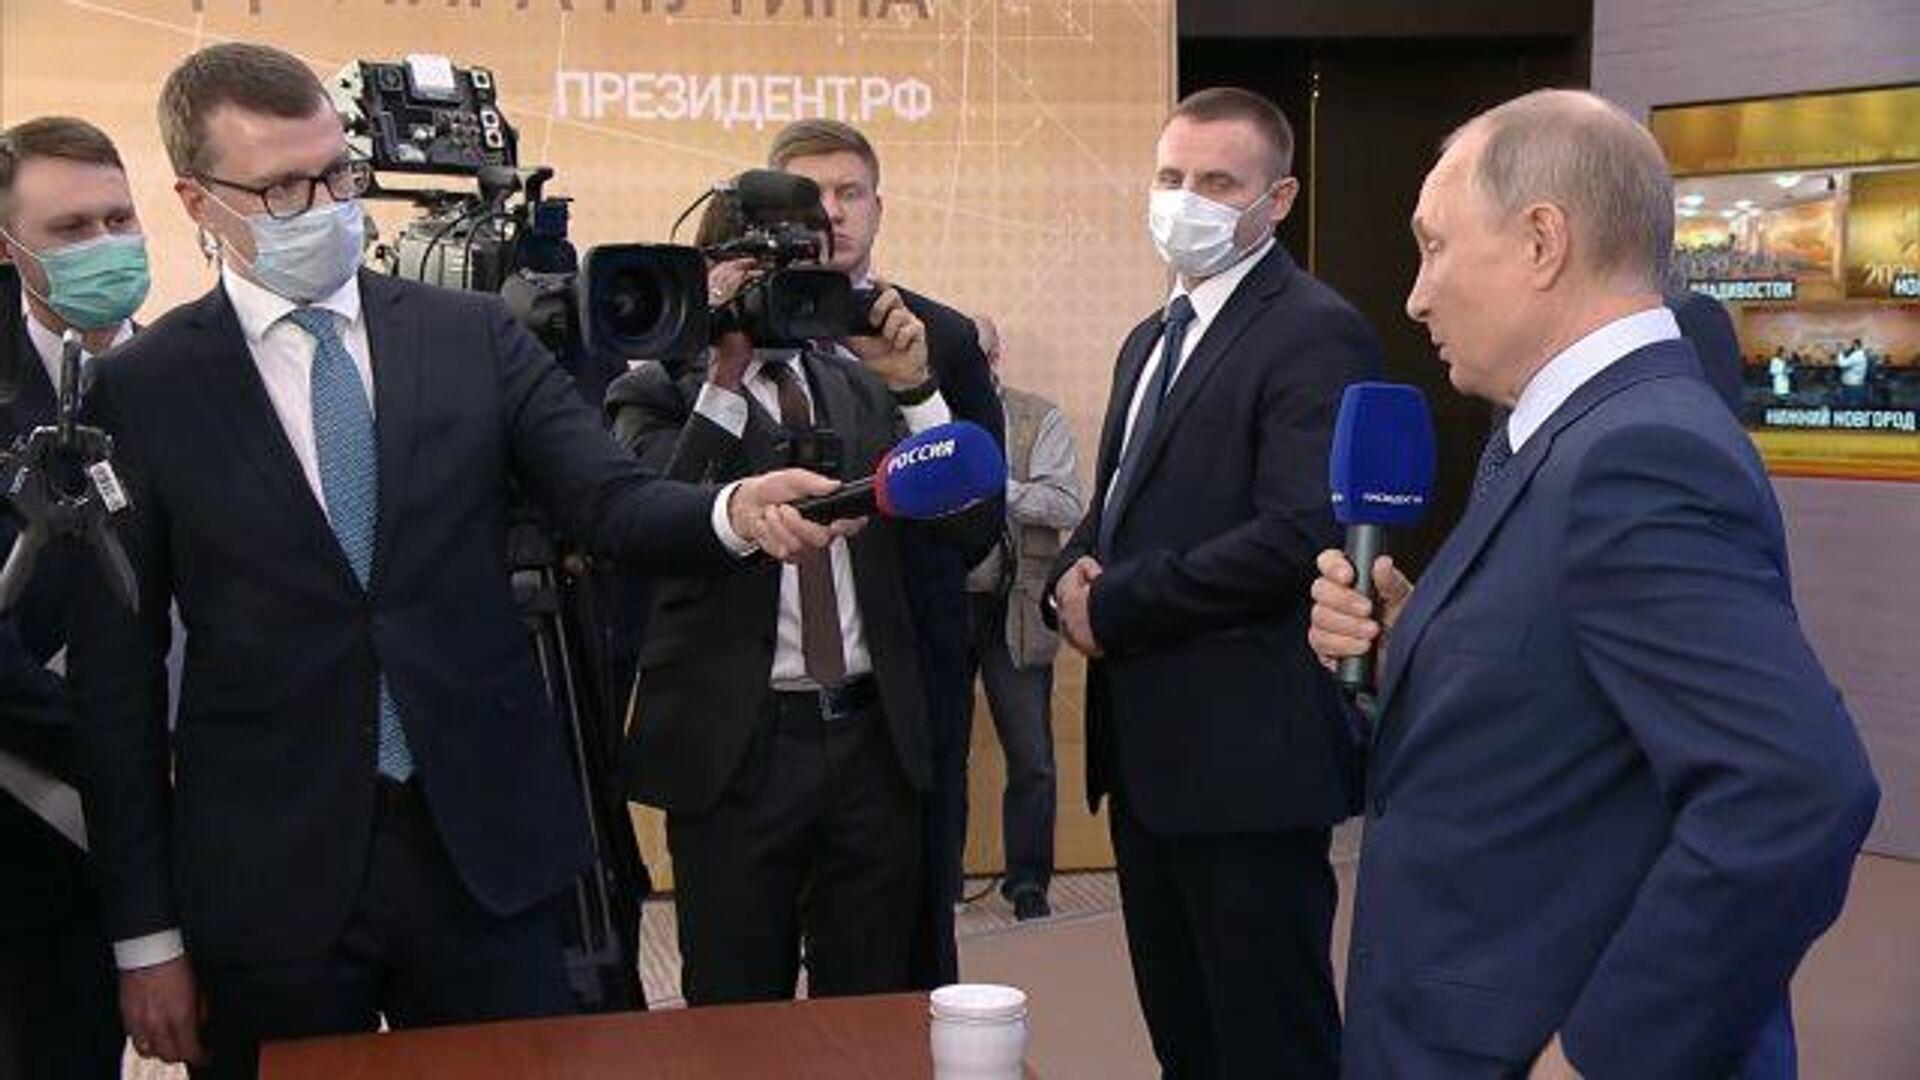 Путин о будущей администрации Байдена: Короля делает свита - РИА Новости, 1920, 17.12.2020